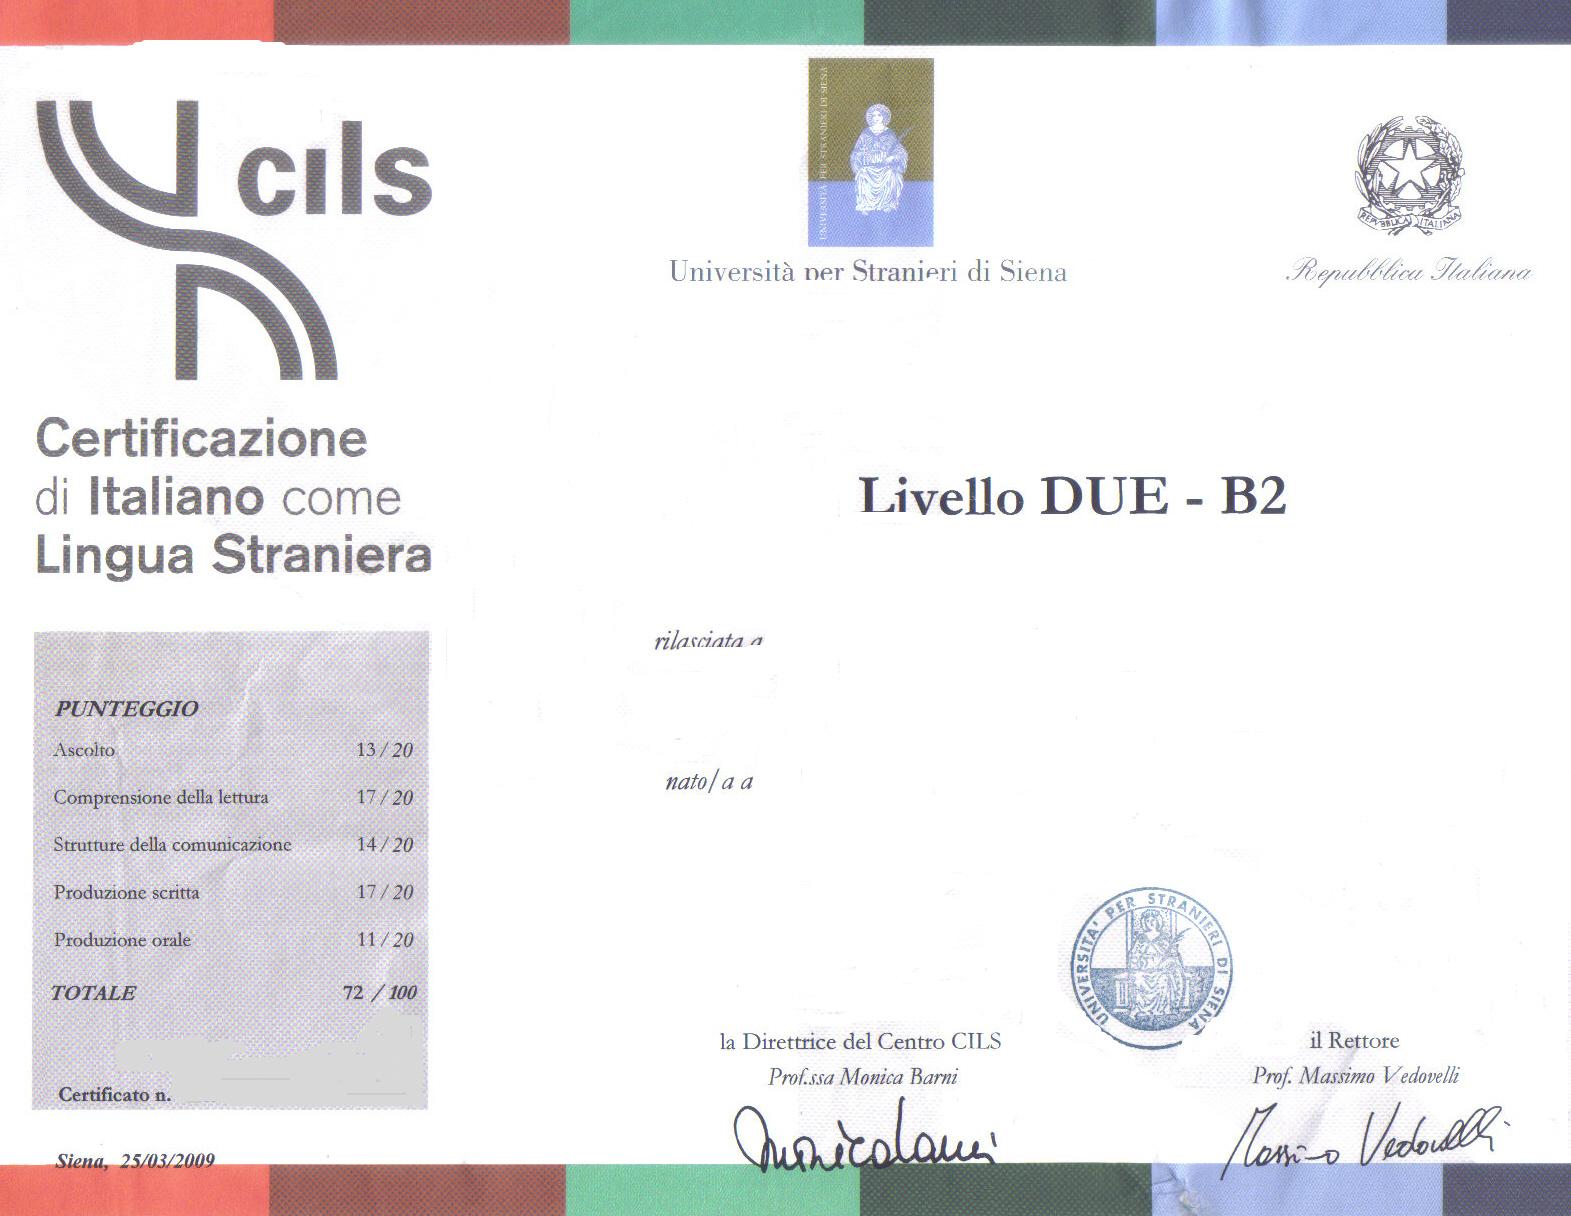 Stran Ier Omavero 29 Ottobre Palermo Cils L Italiano